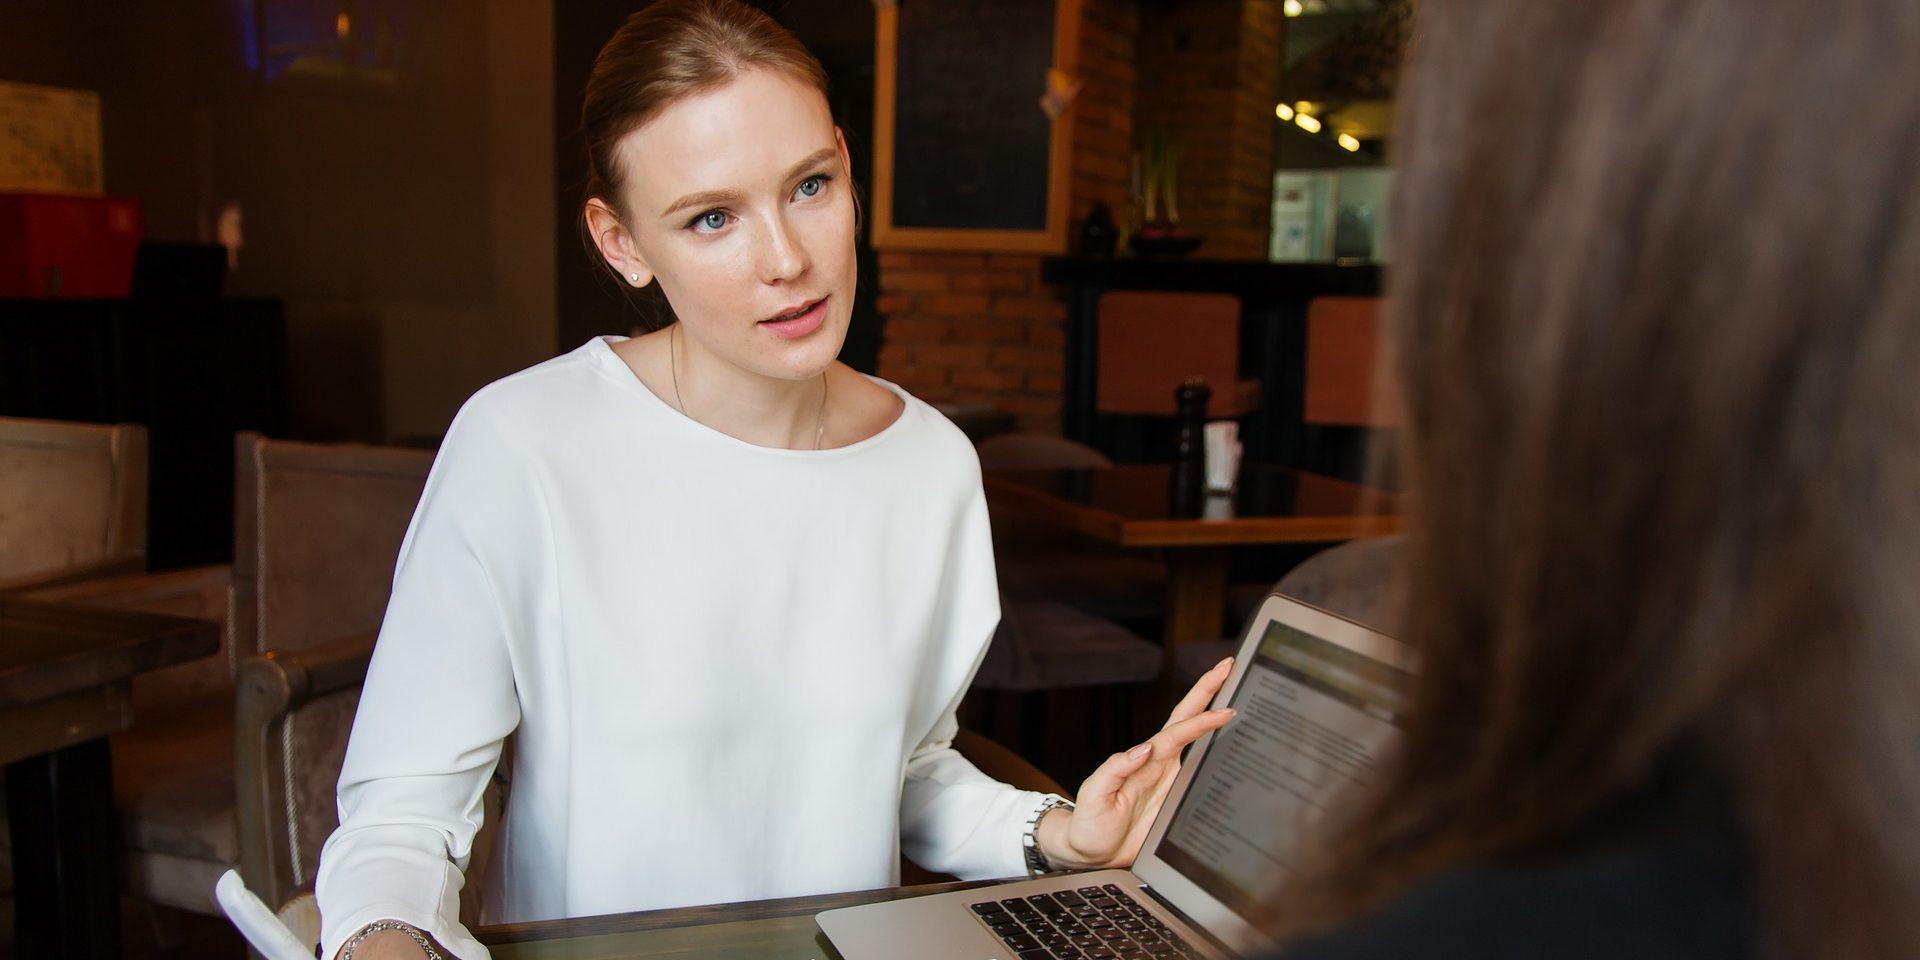 Eine Frau hört einer nicht eindeutig erkennbaren weiteren Person zu und macht Notizen zum Gespräch.